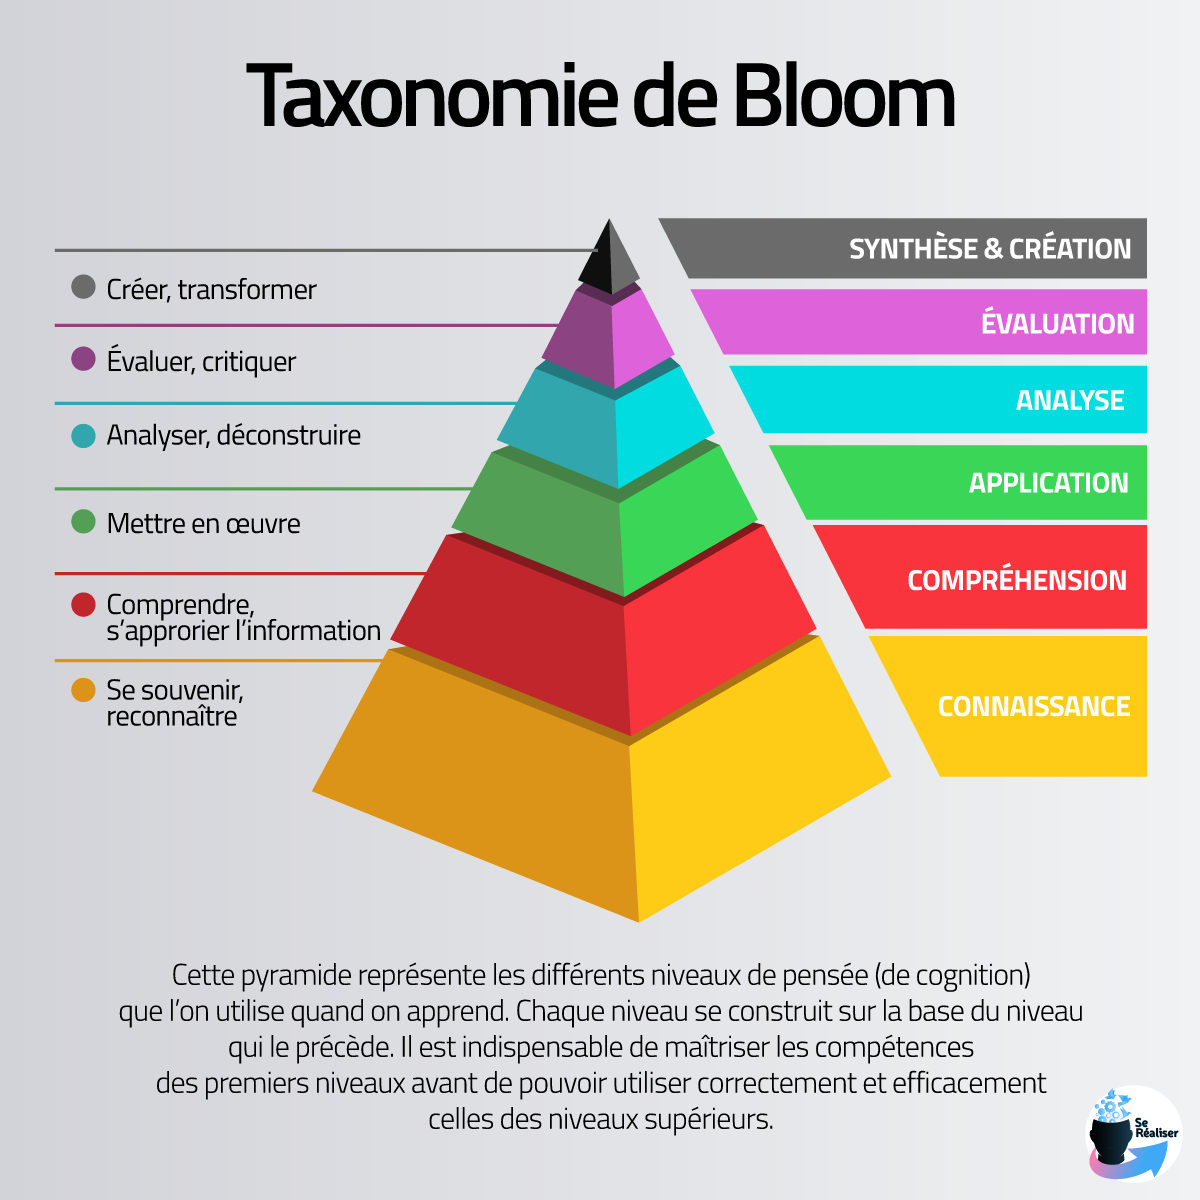 Pyramide représentant les niveaux de la taxonomie de Bloom